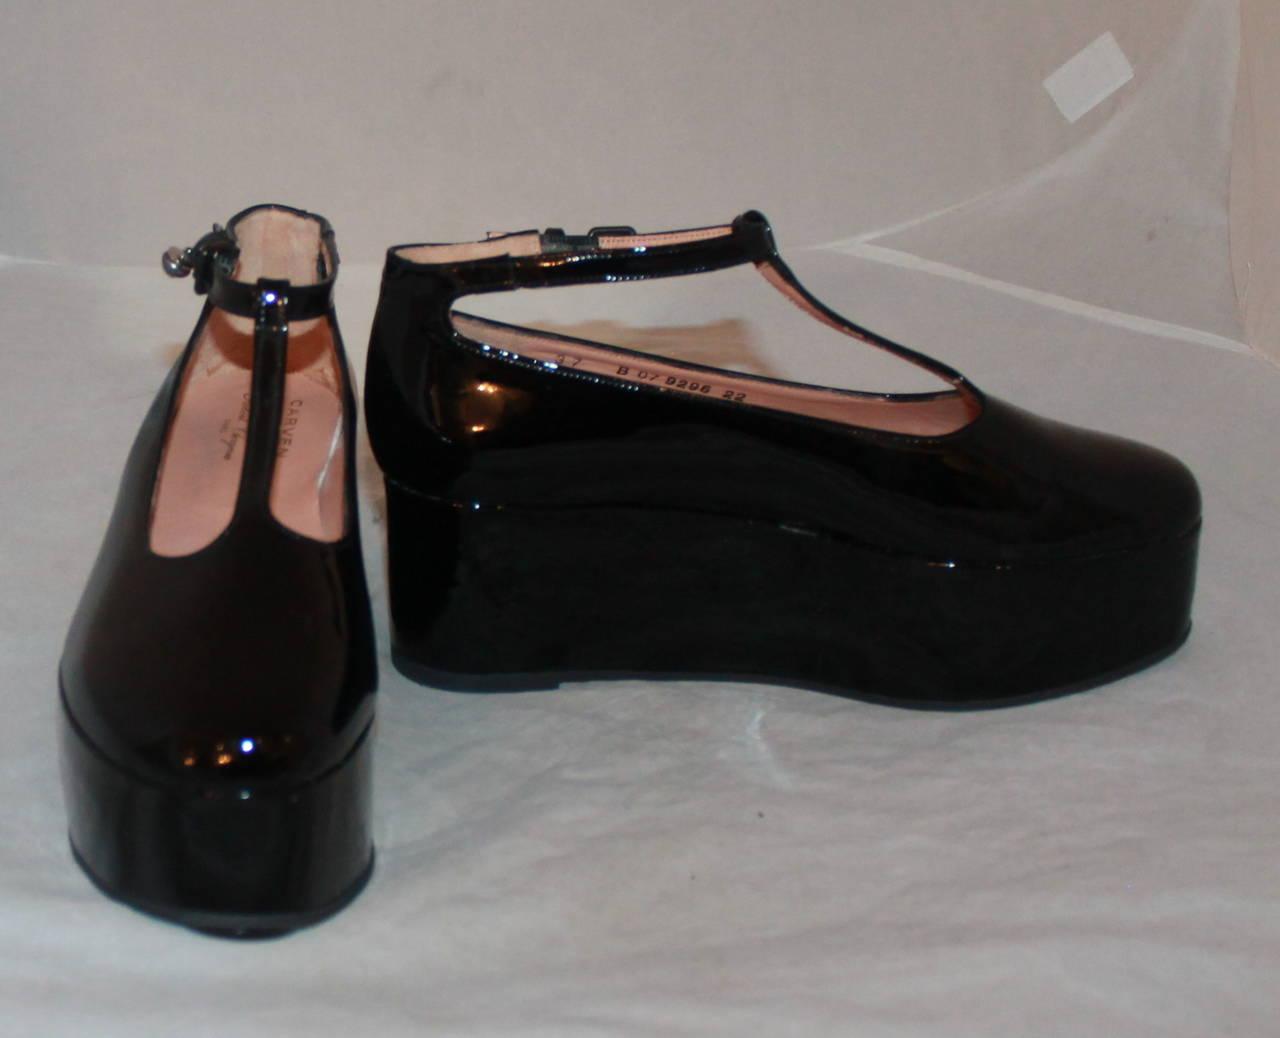 carven black patent leather platform shoes 37 at 1stdibs